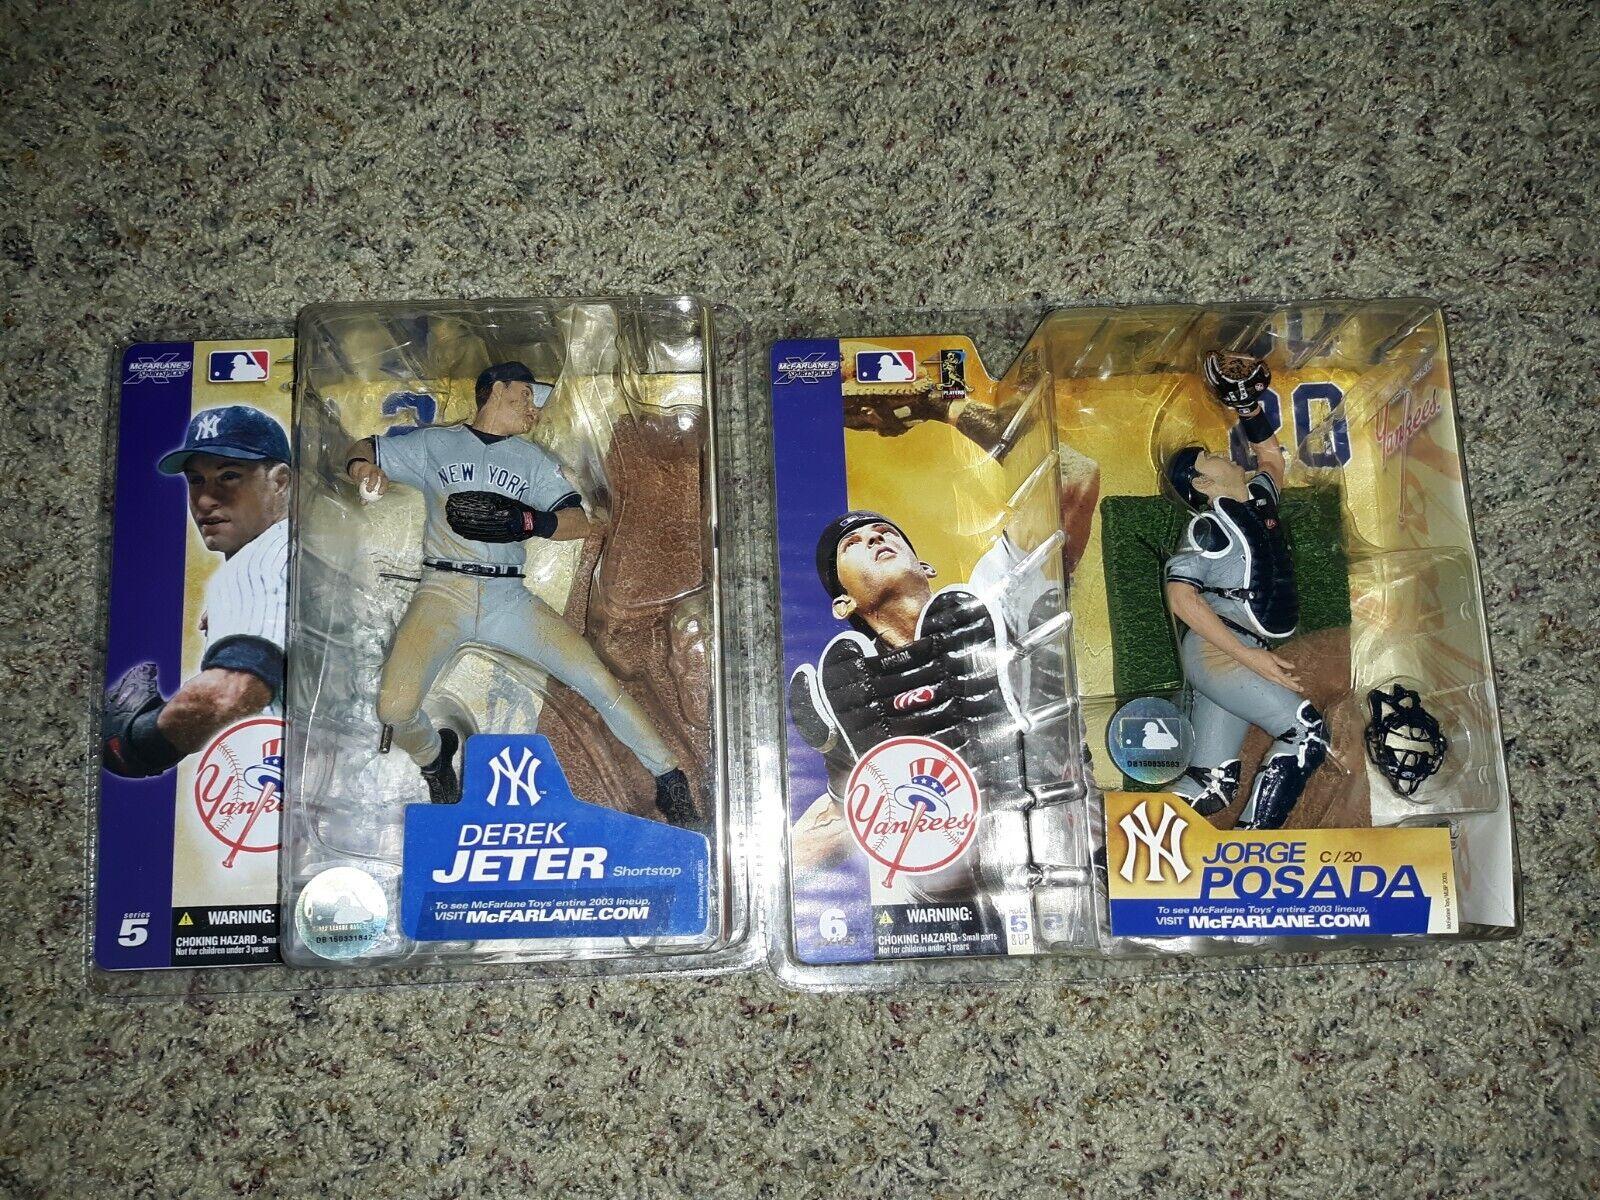 Jorge Posada McFarlanes Series 6 2003 & Series 5 Derek Jeter